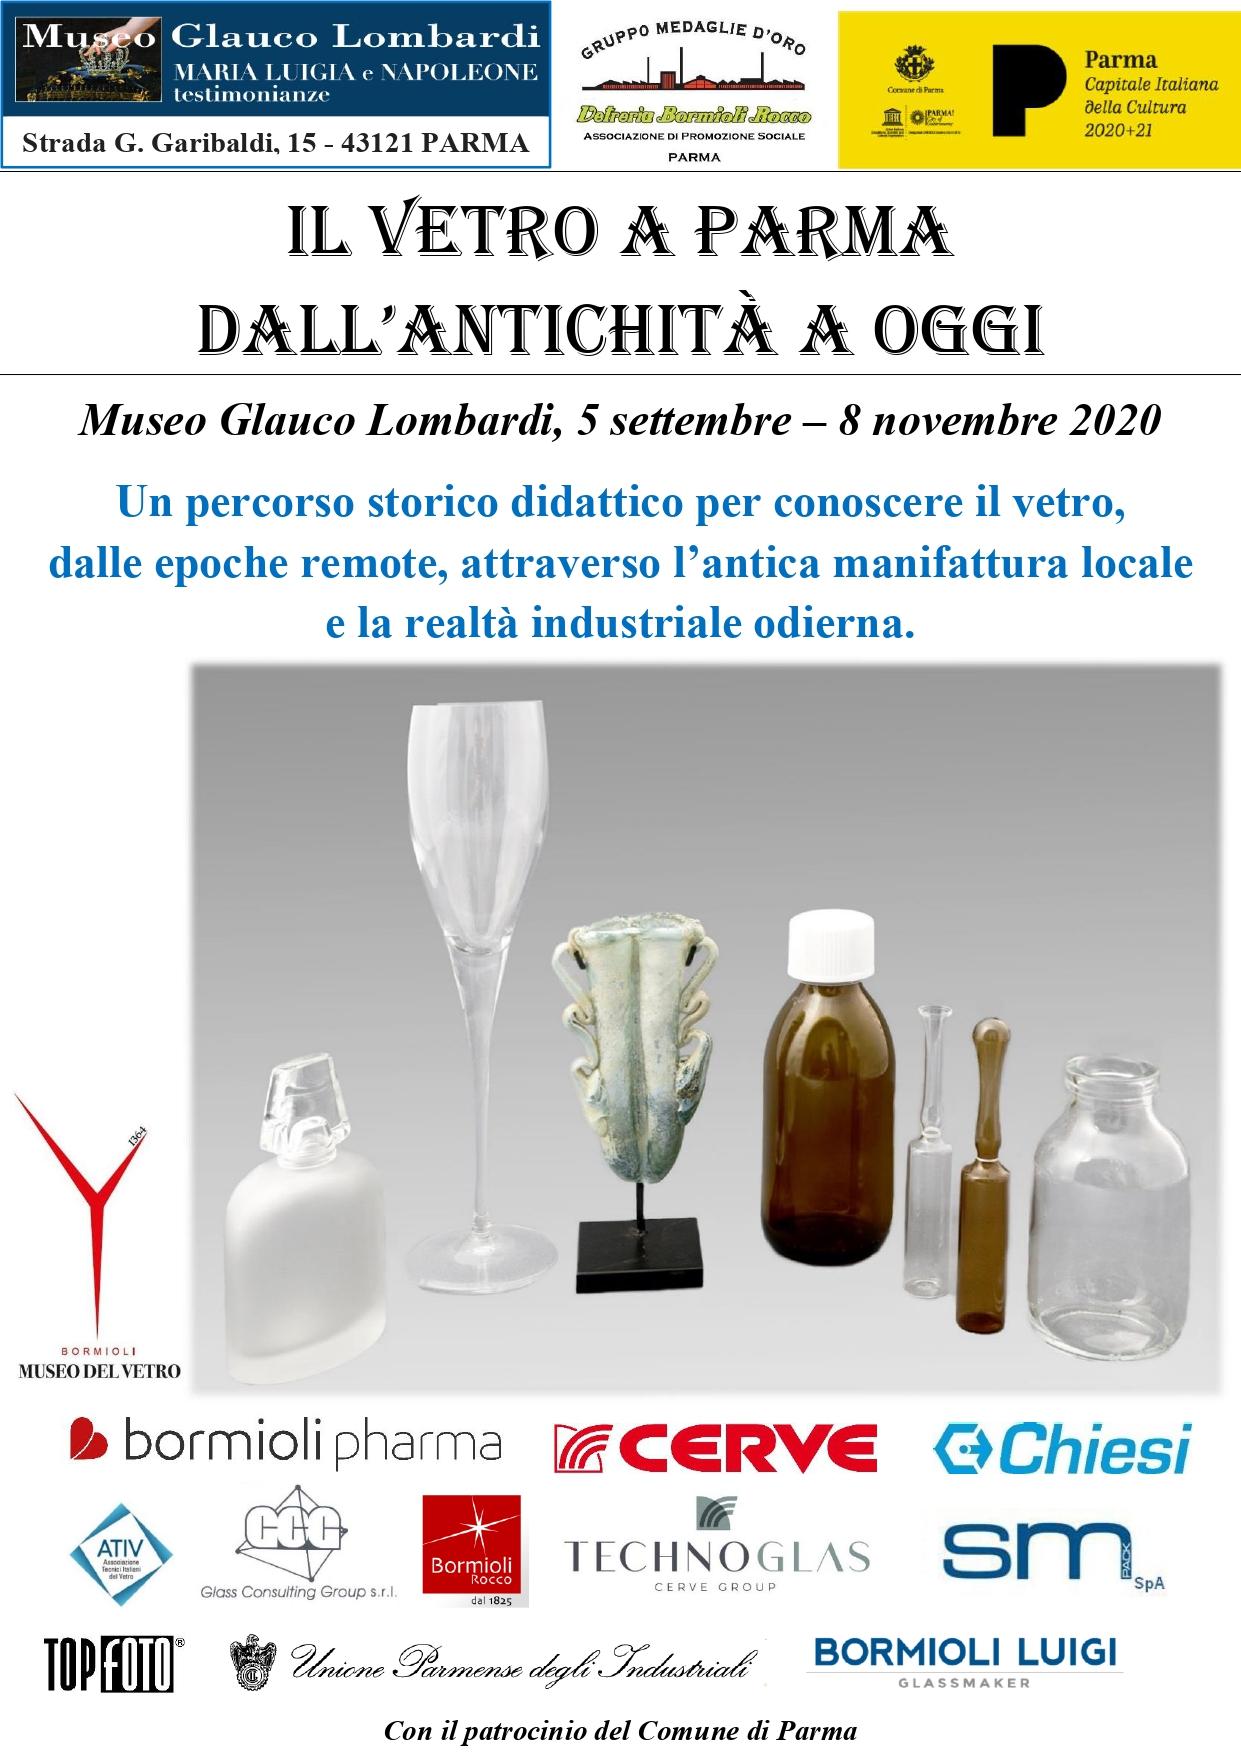 ll vetro a Parma dall'antichità a oggi